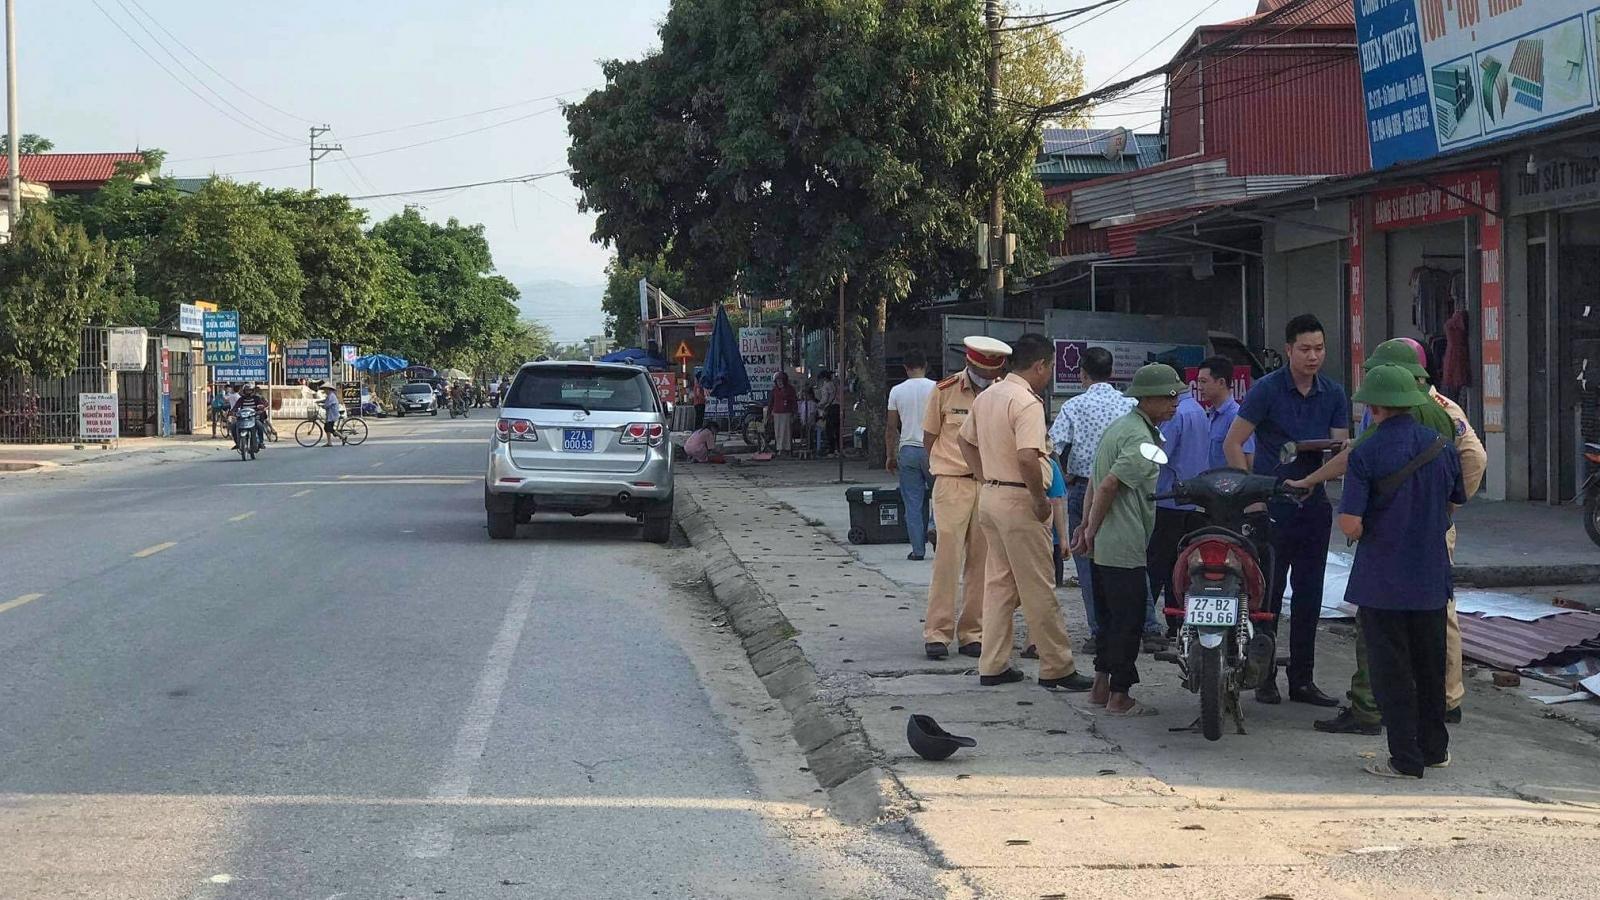 Đi bộ qua đường, một phụ nữ bị xe máy đâm tử vong